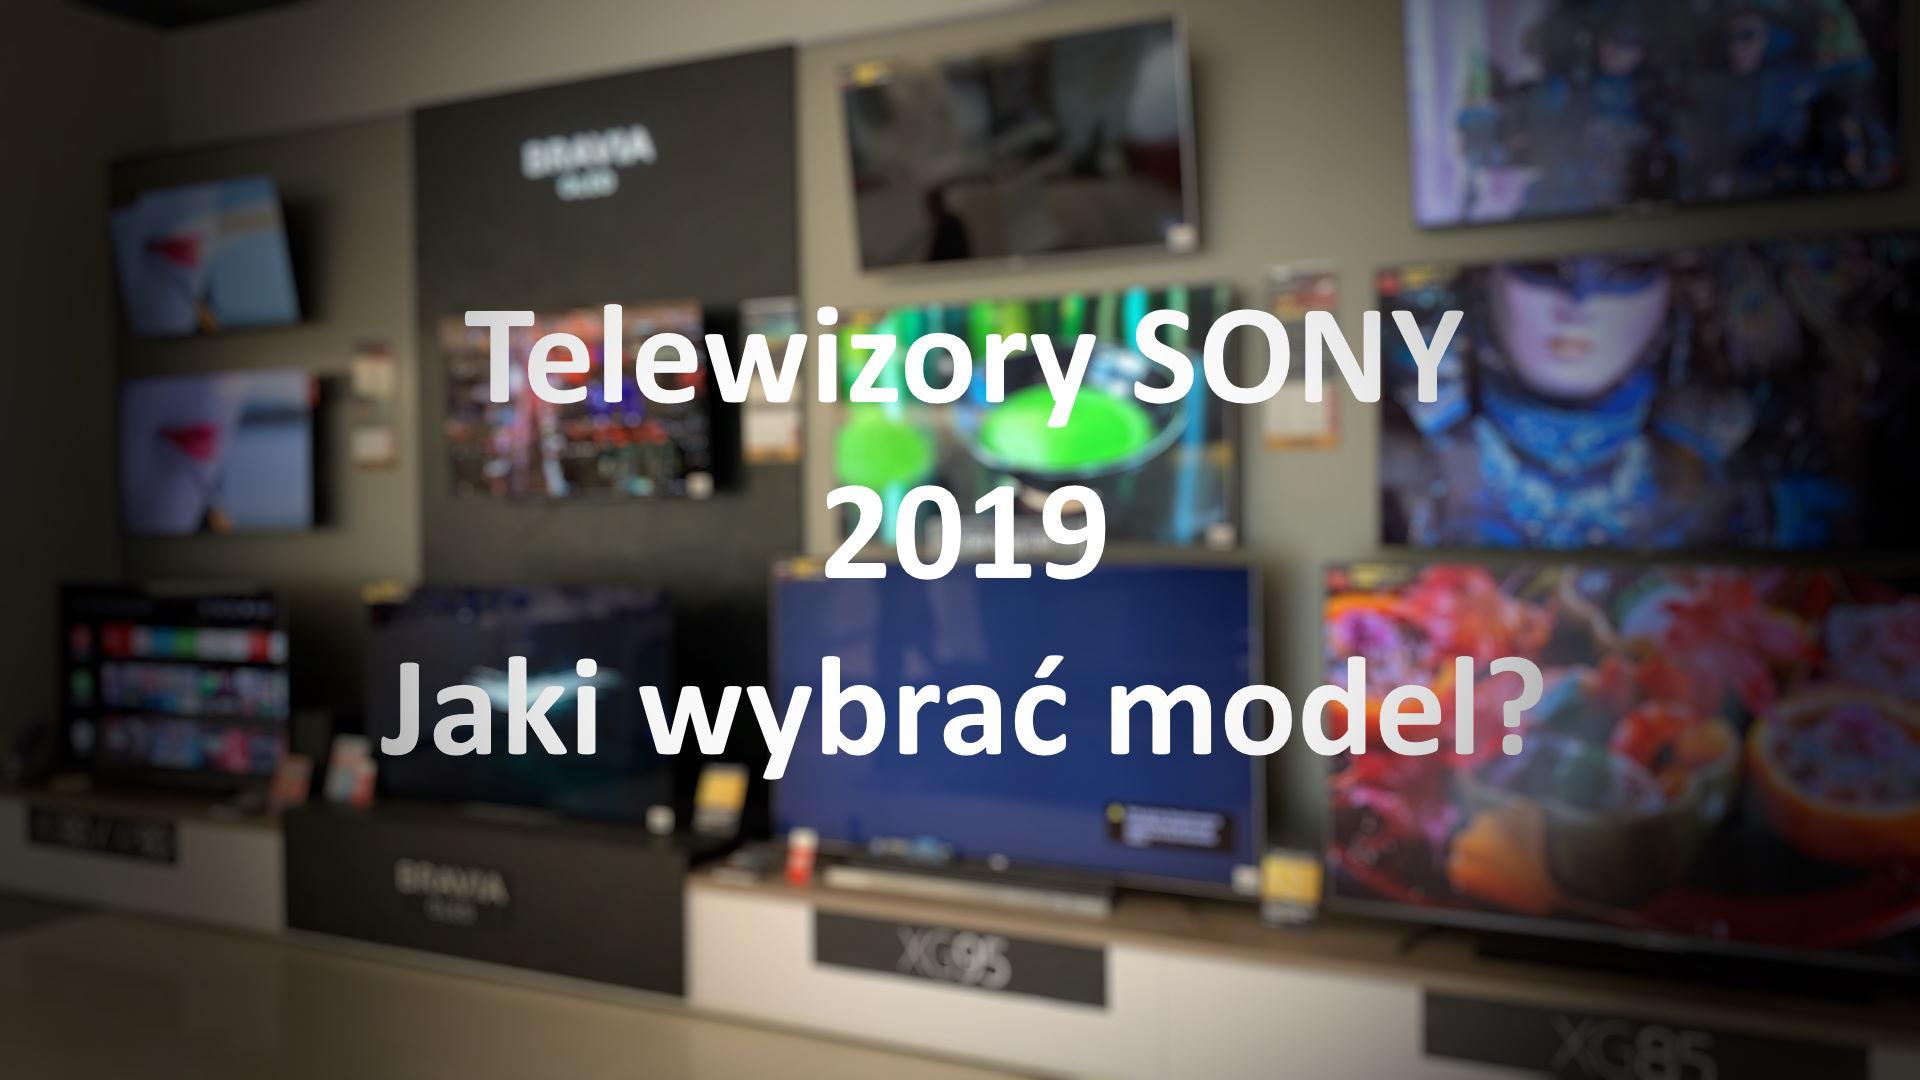 Przegląd telewizorów Sony 2019 - OLED czy LCD? Na co zwrócić uwagę?